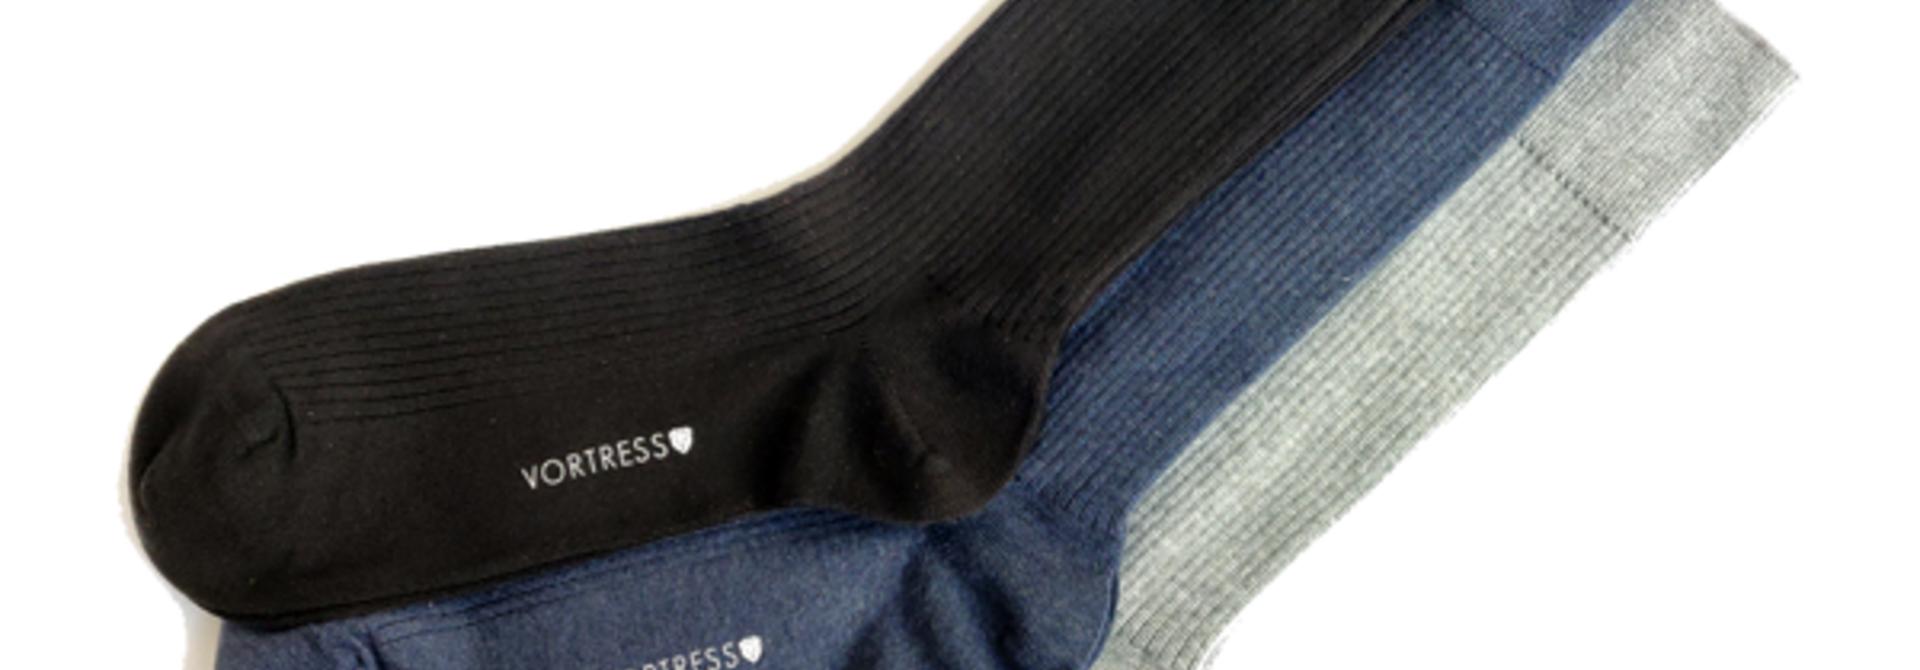 Vortress Socks (3-pack) gemaakt van SUPIMA katoen - Copy